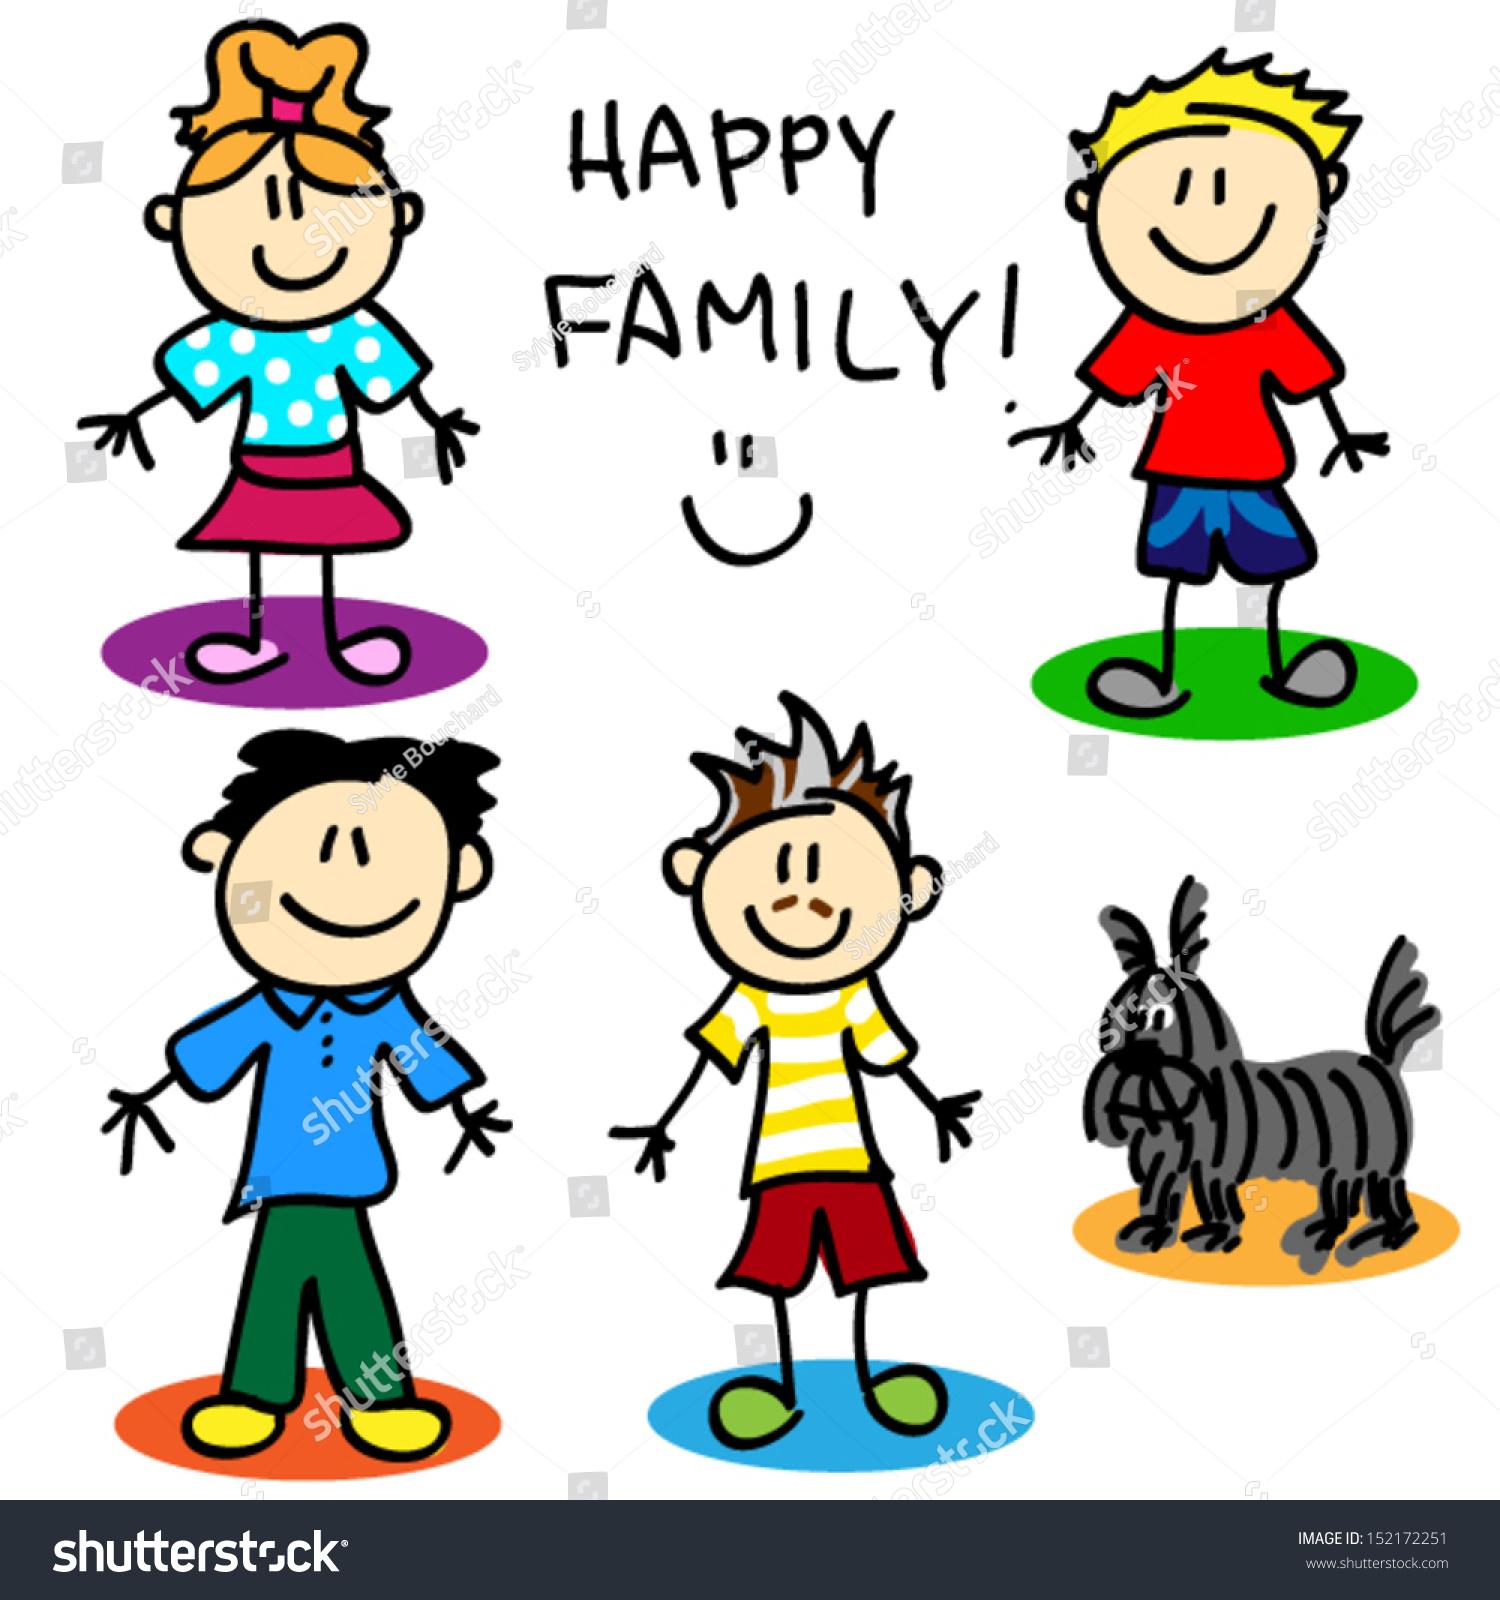 Sjov Tændstikmand Cartoon Gay Familie Stock Vector 152172251 - Shutterstock-1629